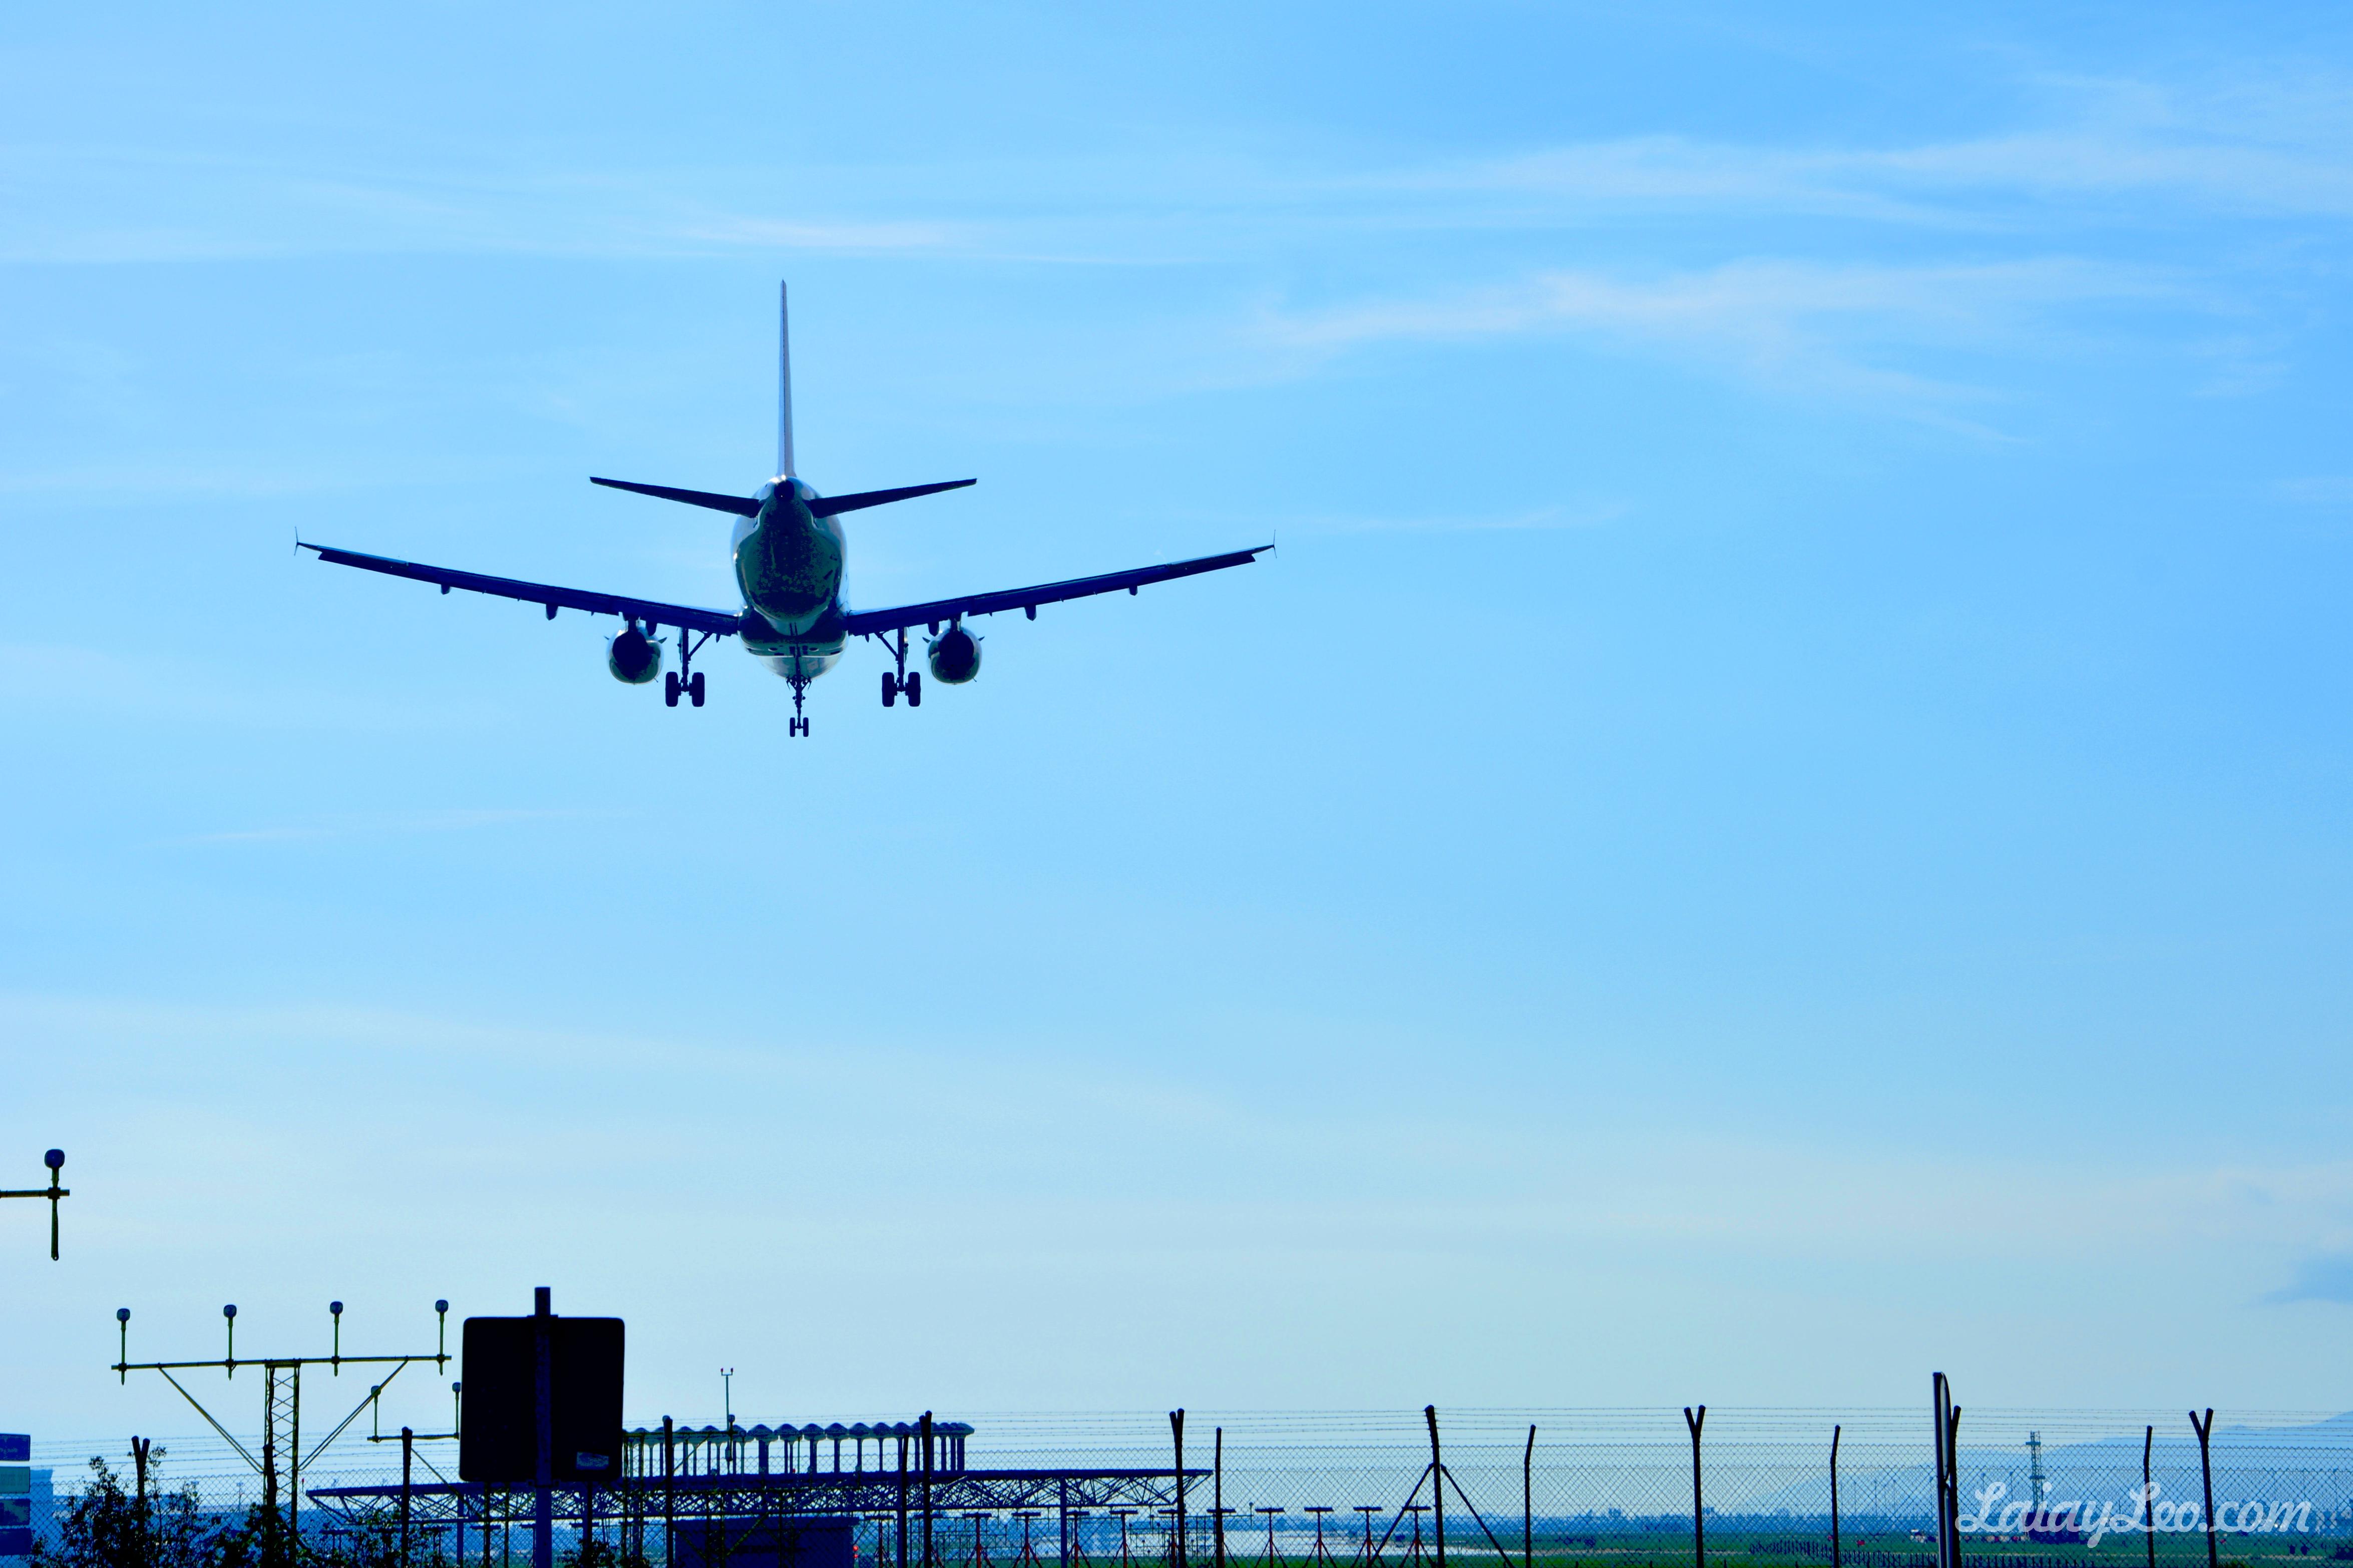 Mirador del aeropuerto Barcelona - El Prat 07